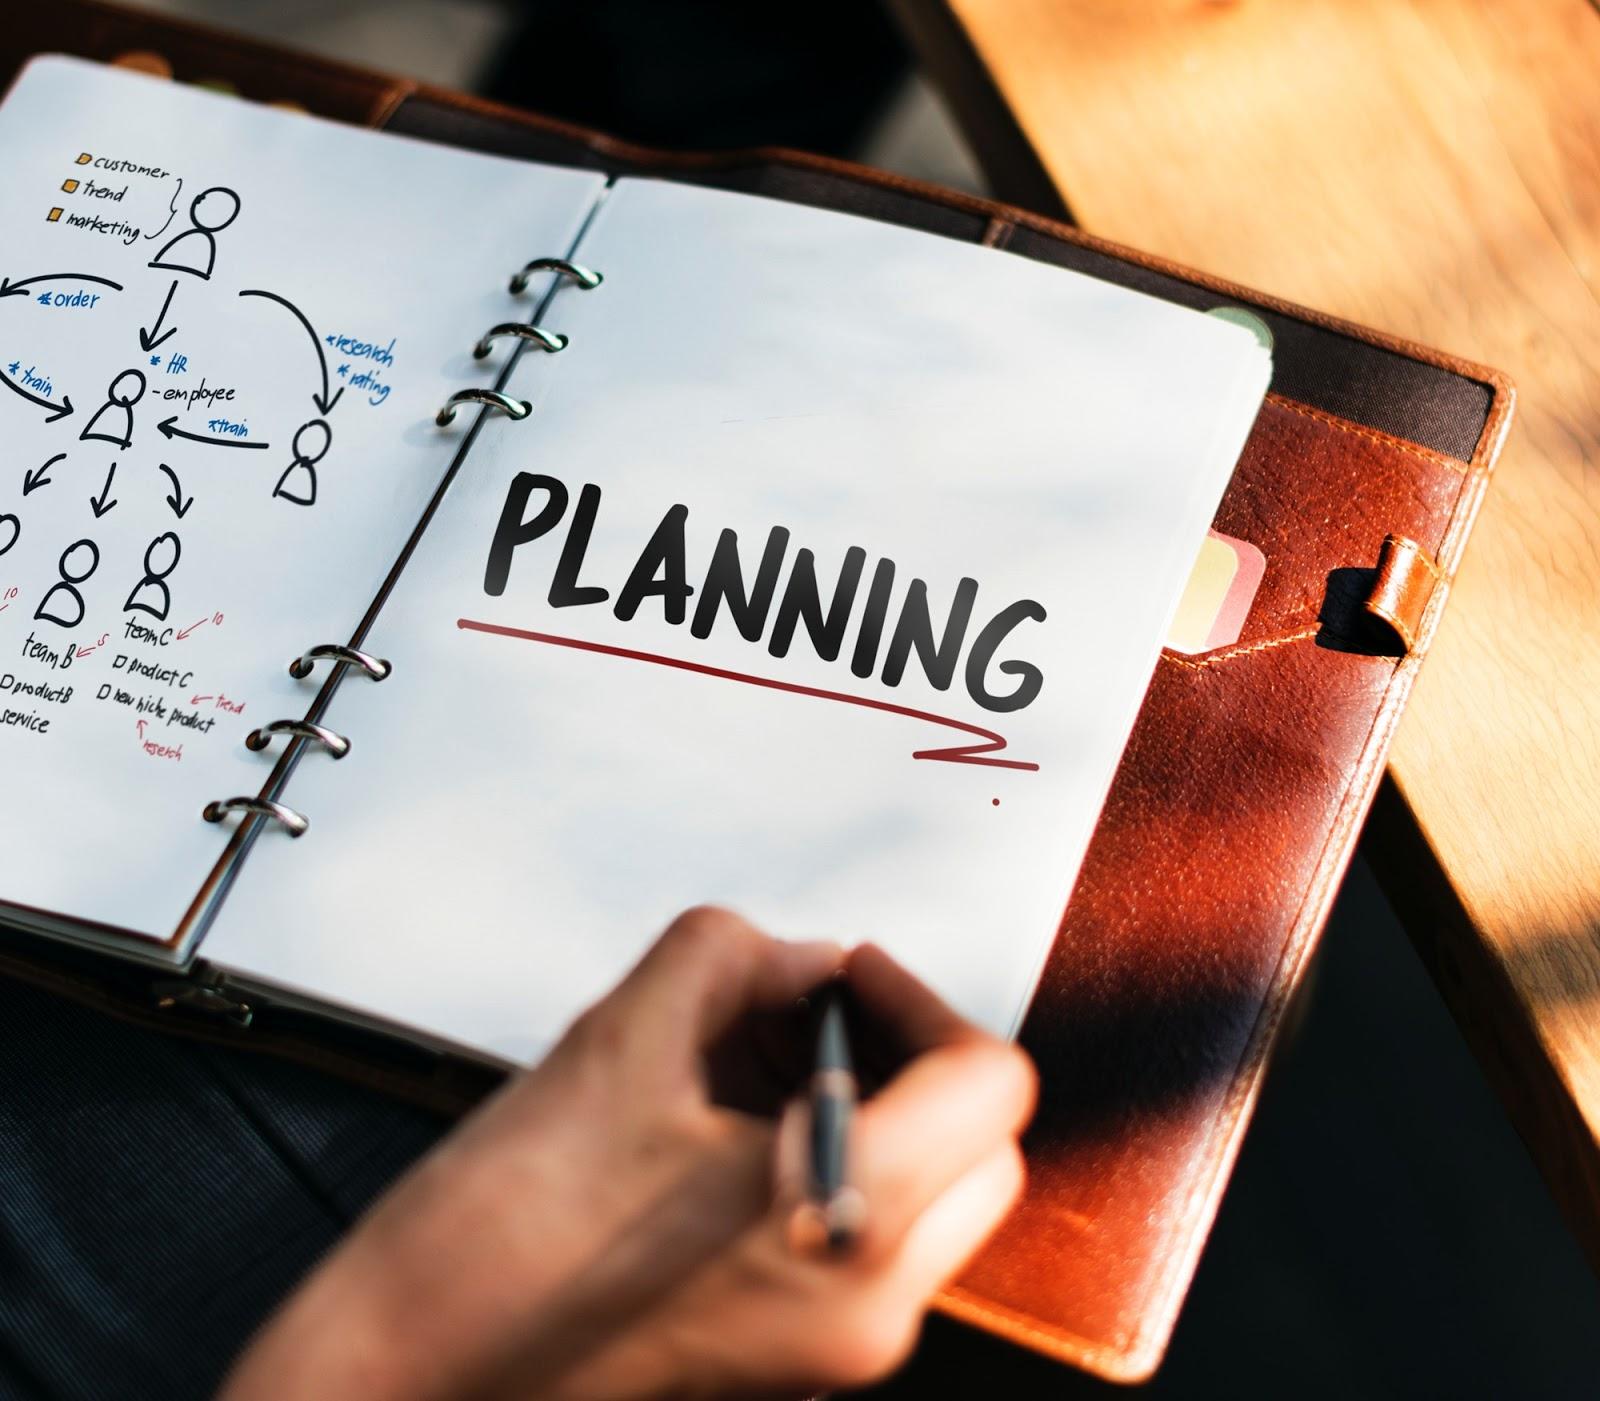 Comment le plan de marketing fonctionne le plus facilement !